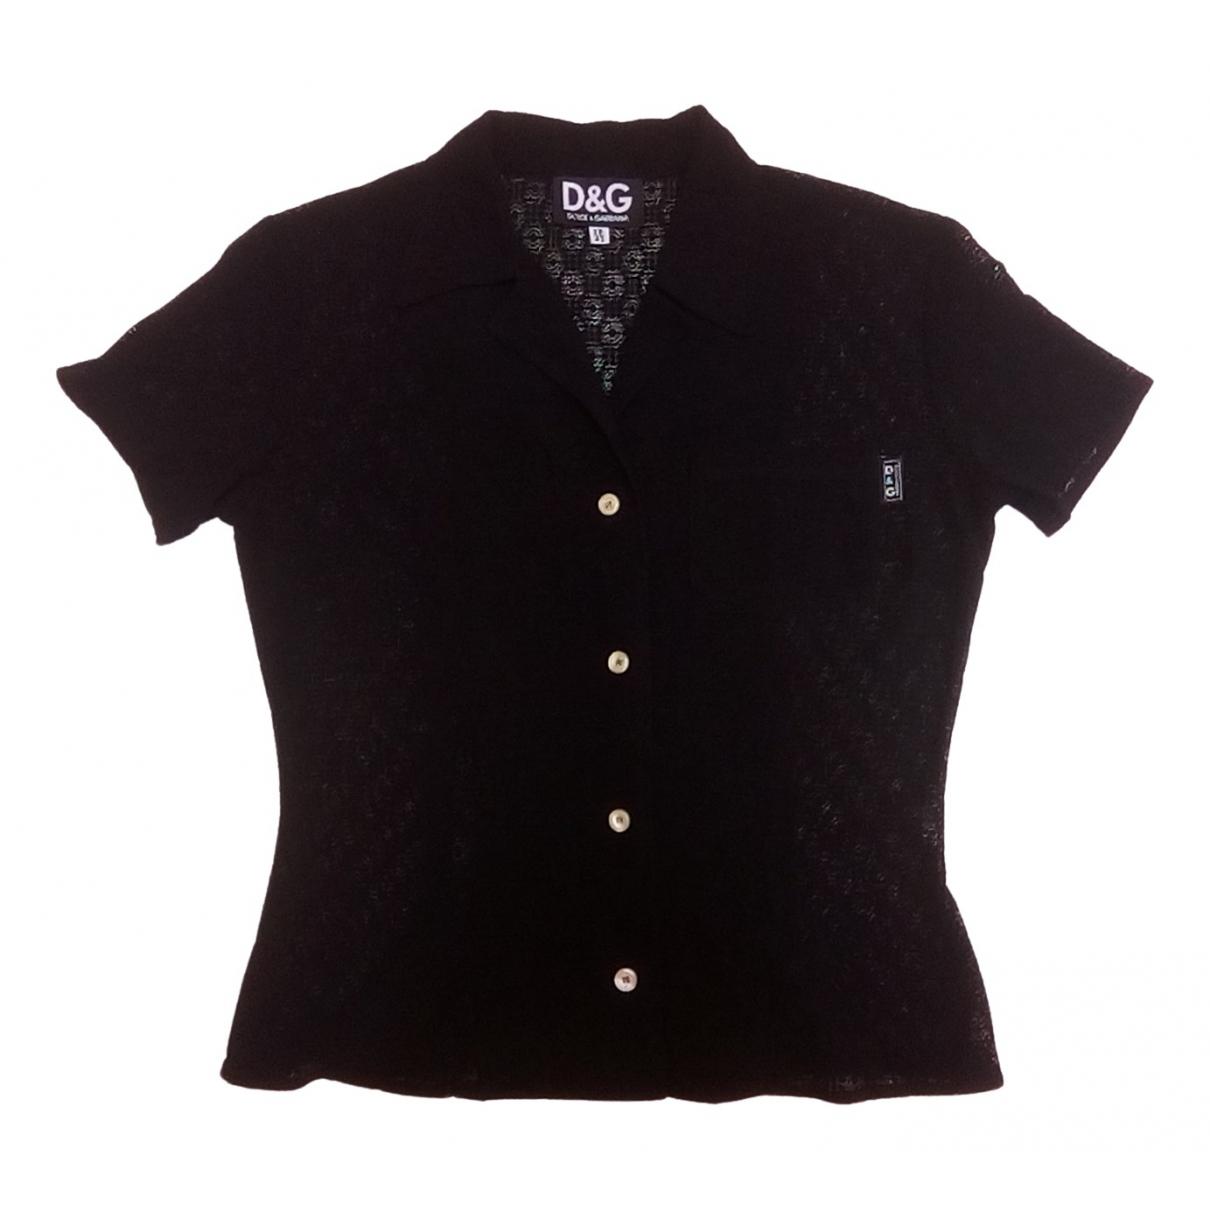 D&g \N Black  top for Women 42 IT